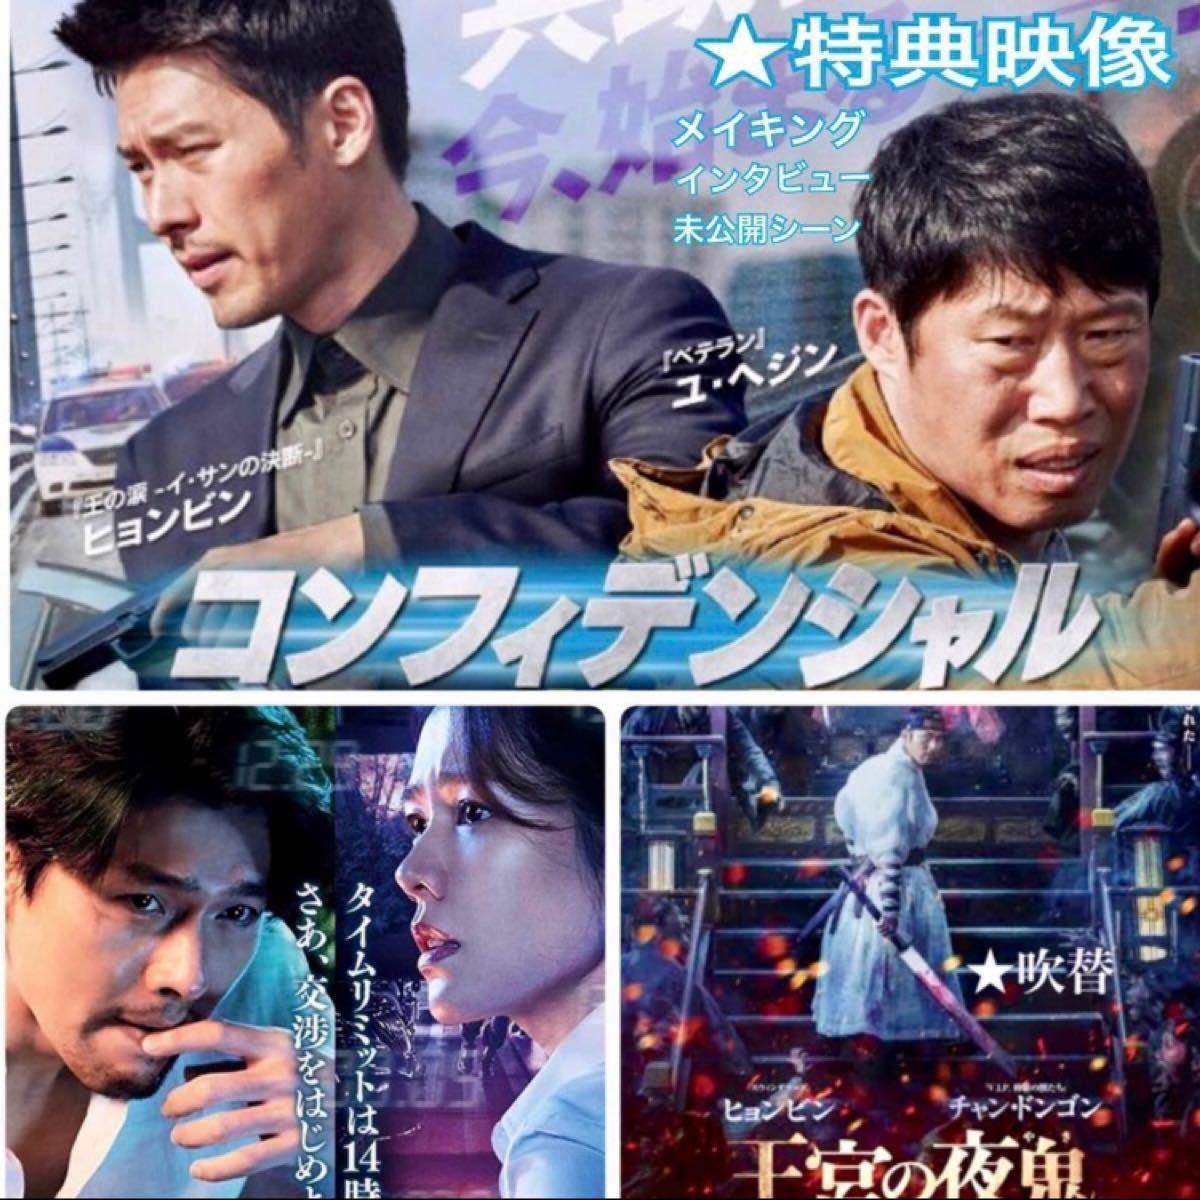 ヒョンビン 人気映画3作品 DVDセット            入れ替えOK!